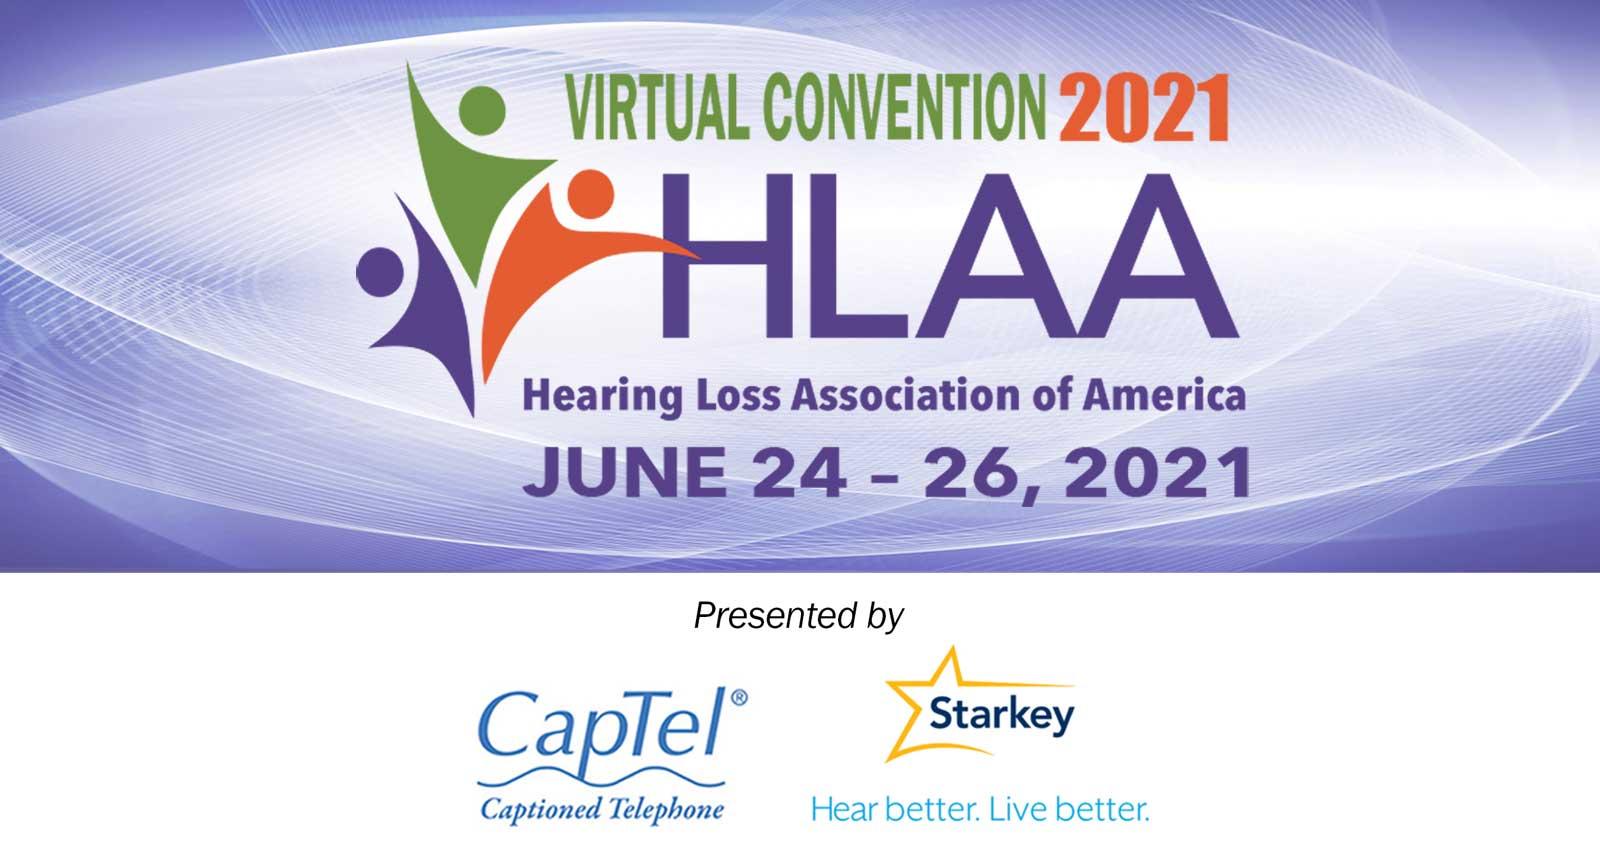 Virtual Convention 2021 HLAA